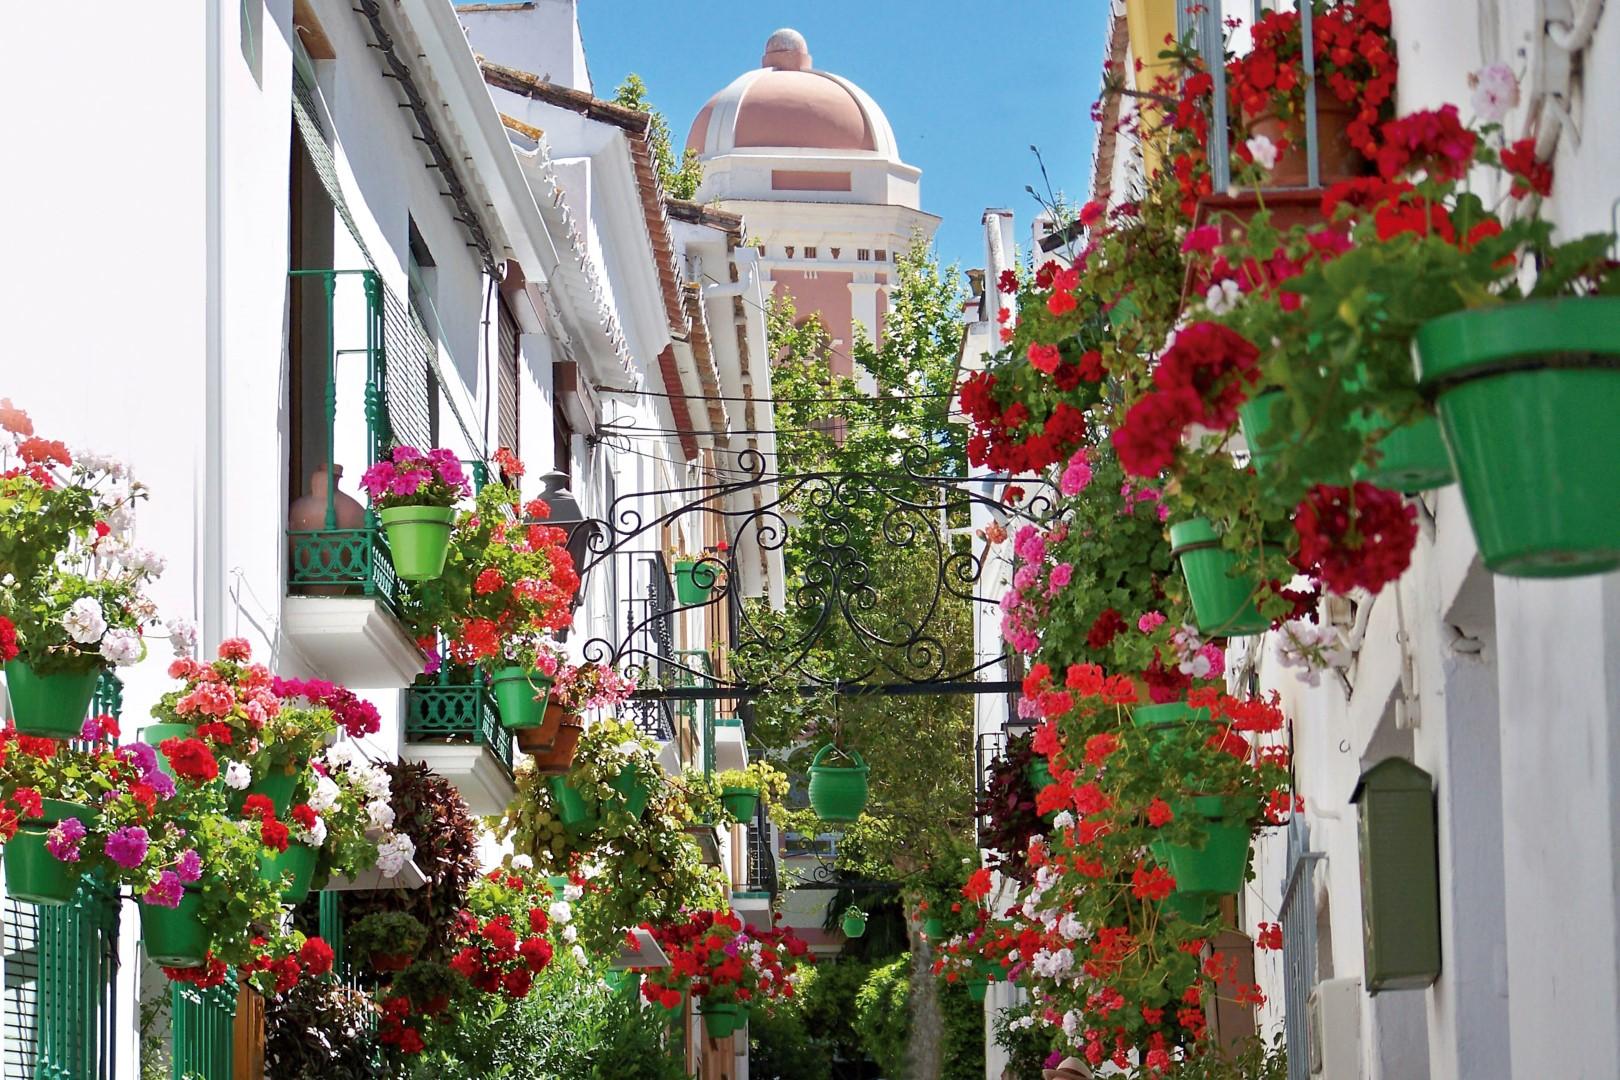 Estepona w Hiszpanii nieruchomości